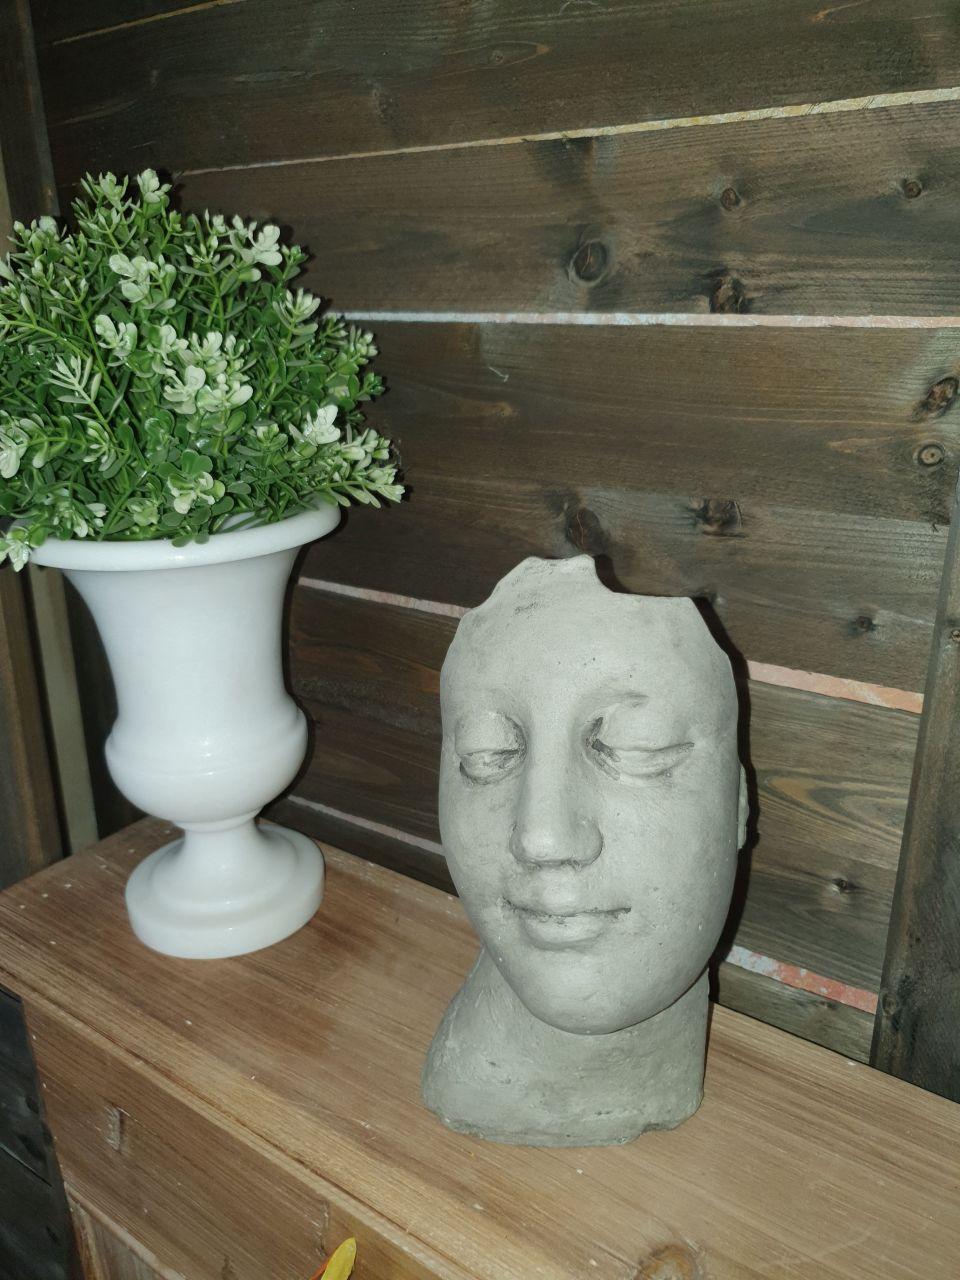 -Gartenfigur Kleines Gesicht- antik-